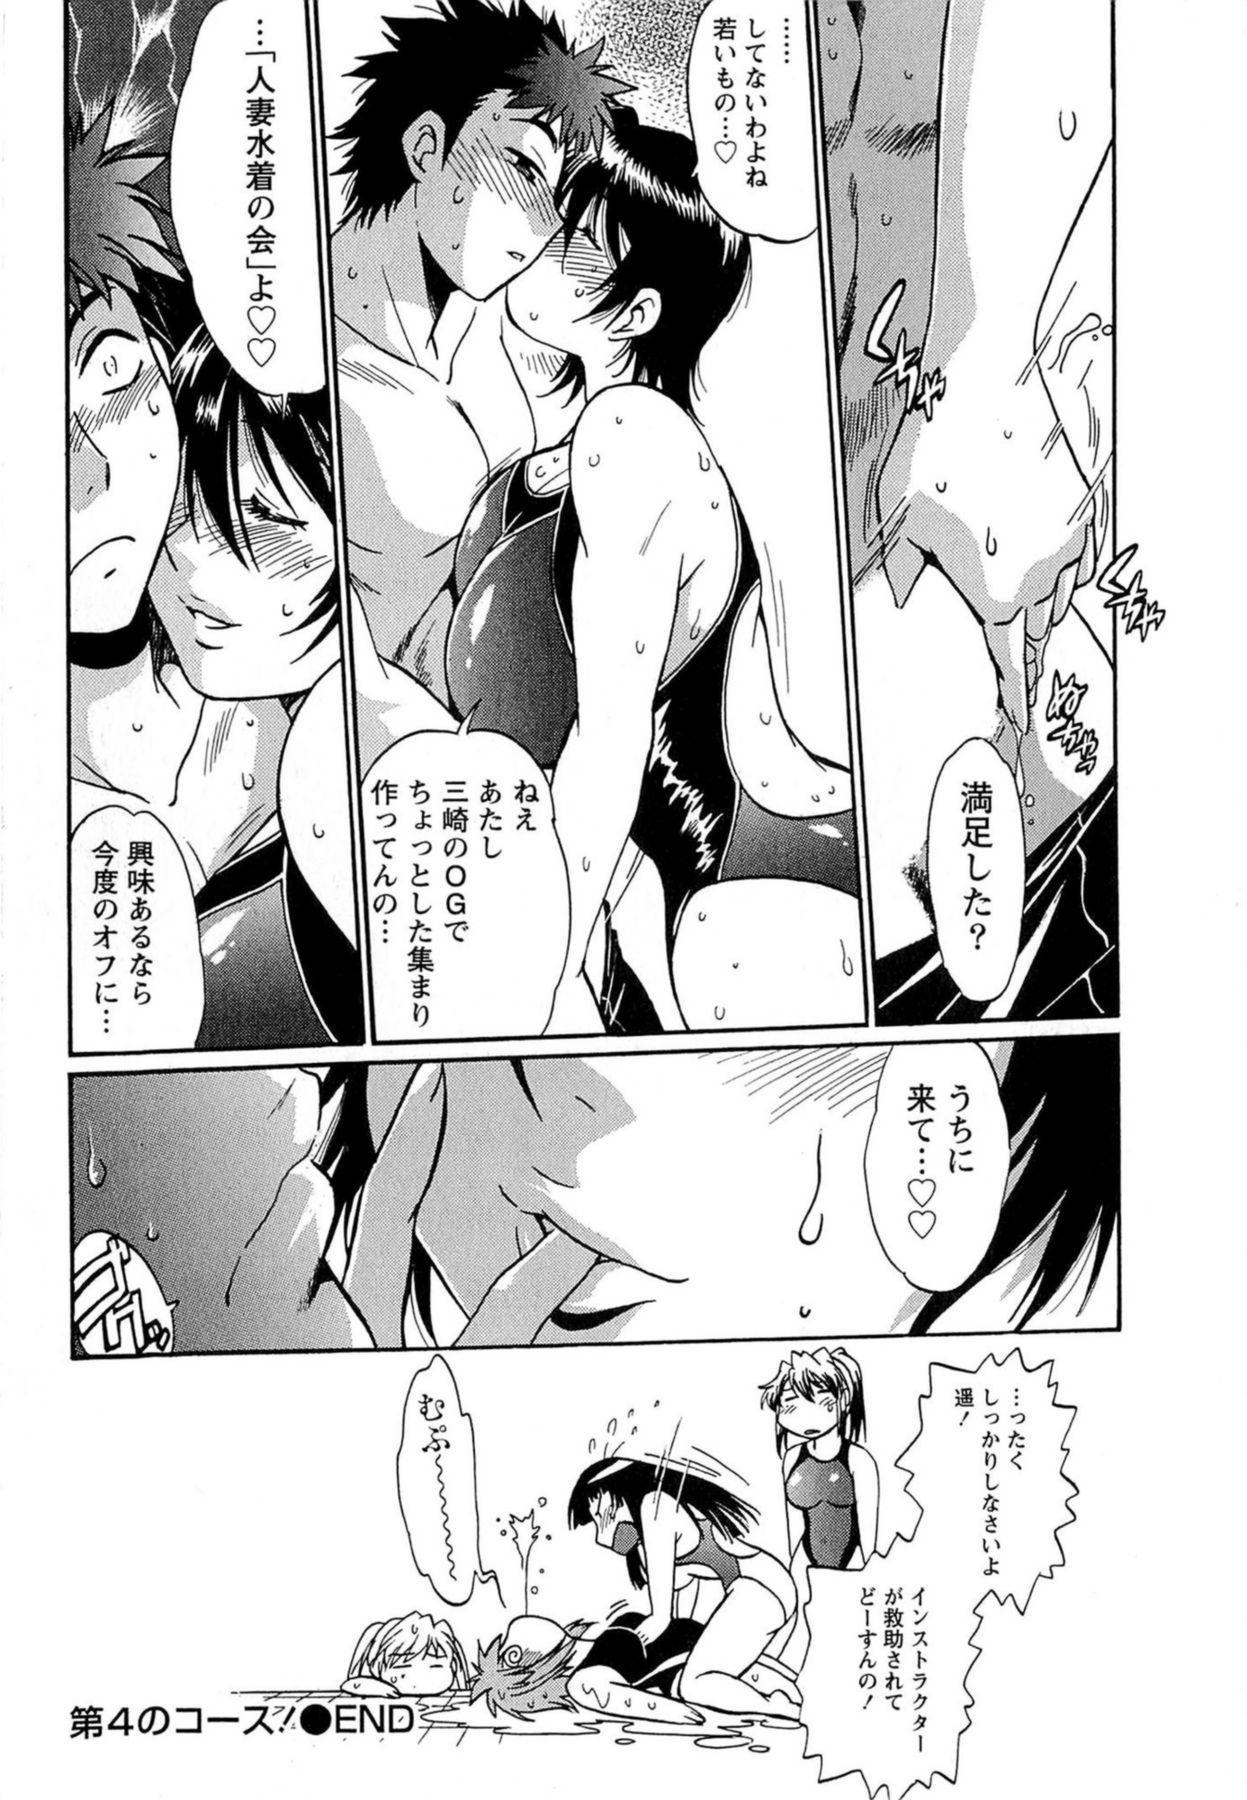 Kuikomi wo Naoshiteru Hima wa Nai! Vol. 1 106